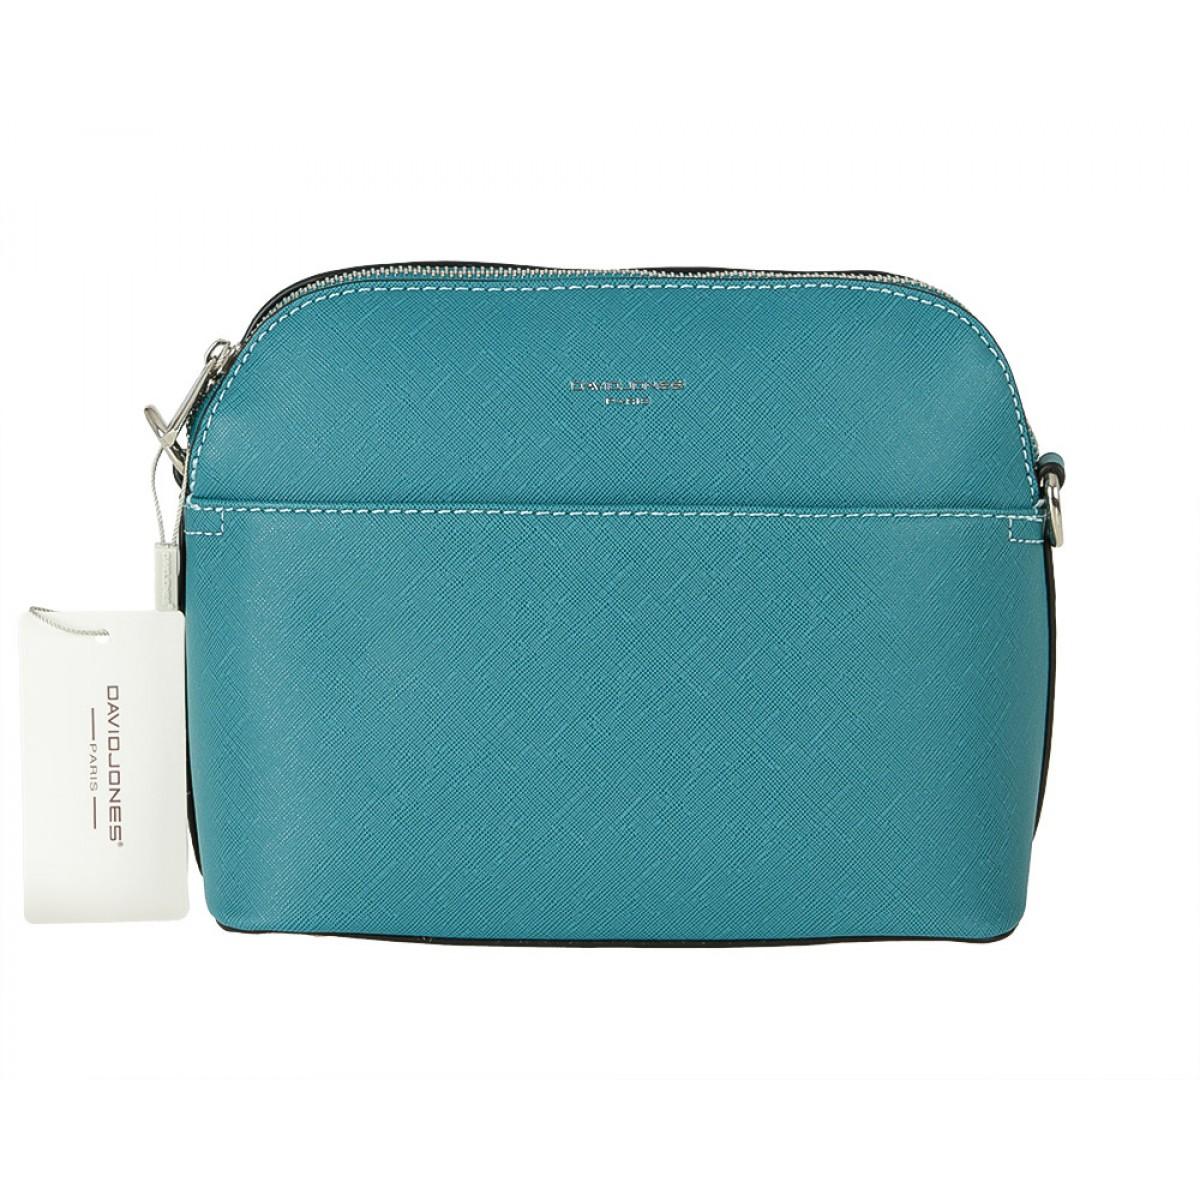 Жіноча сумка David Jones 6224-1 TURQUOISE